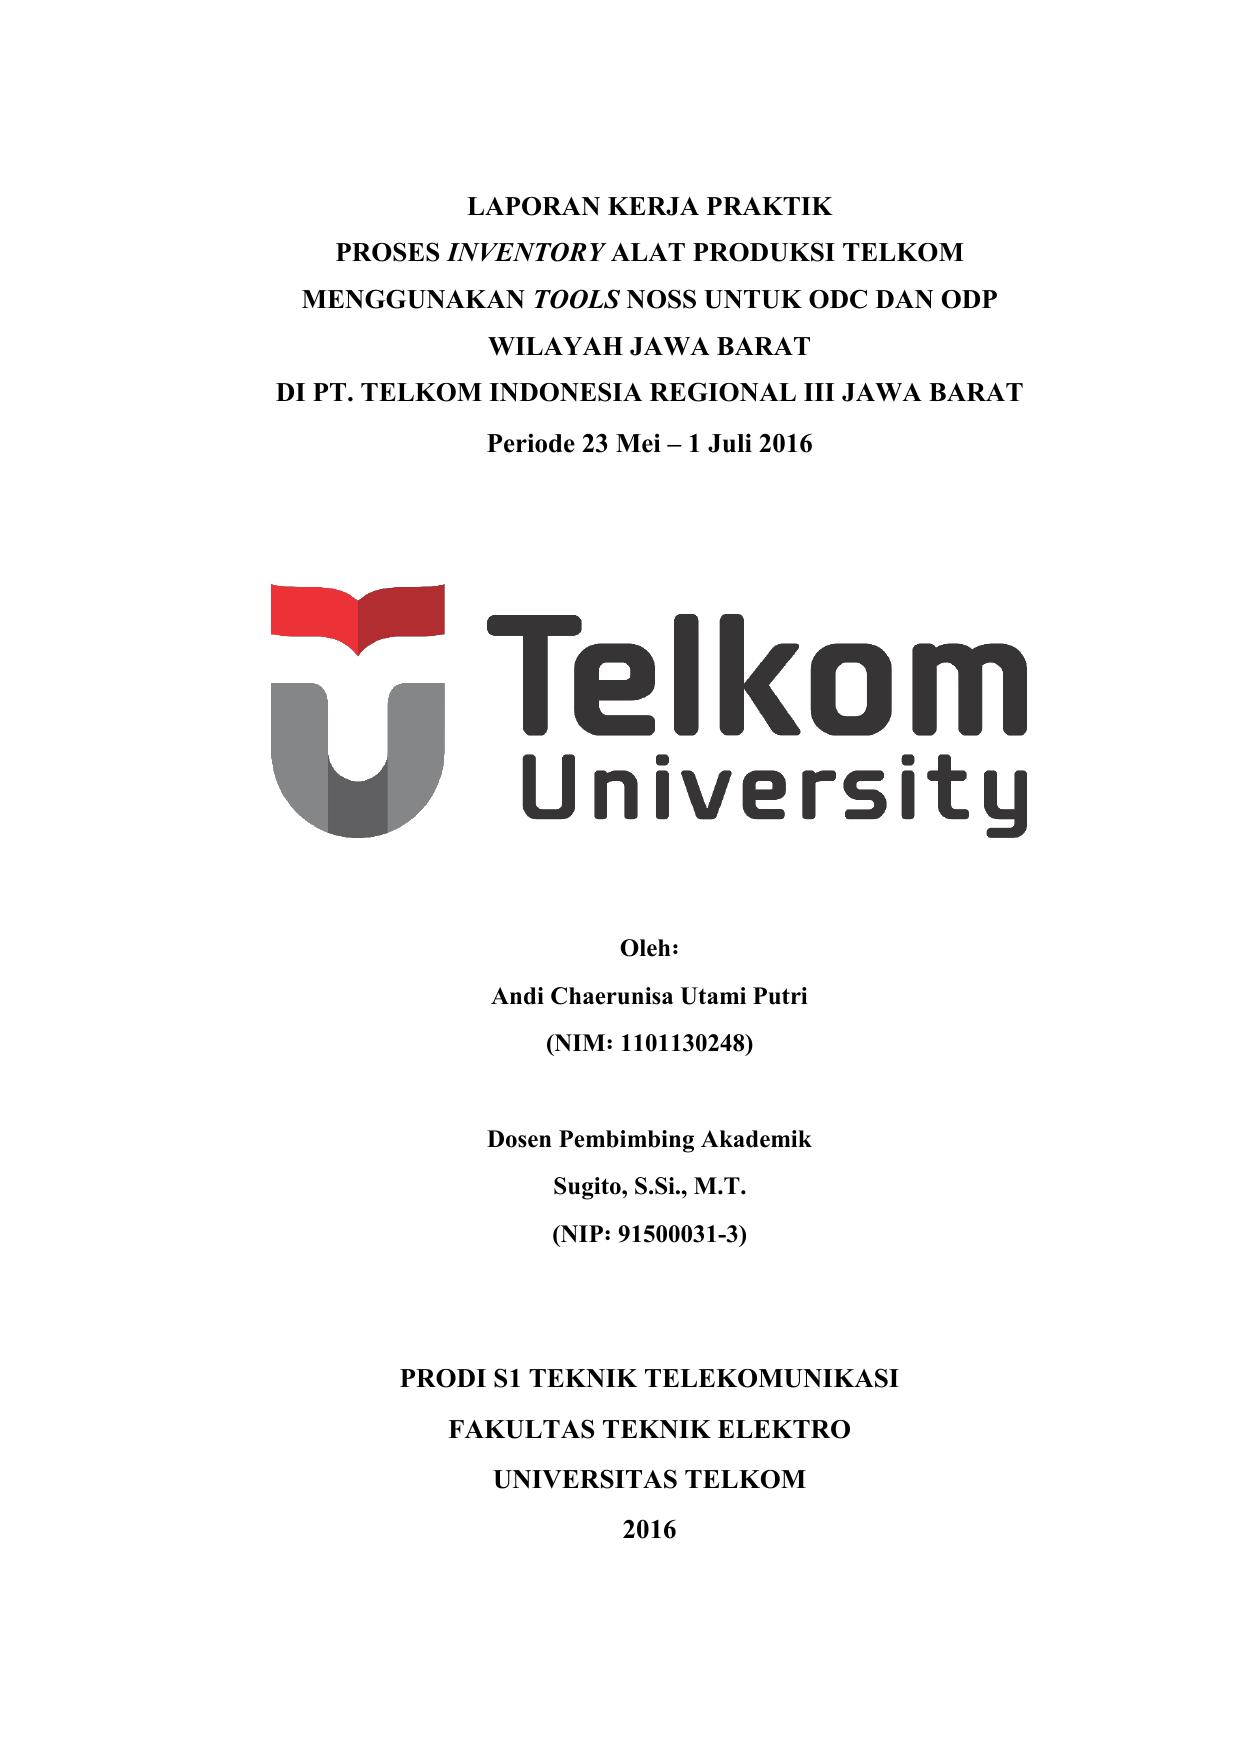 Contoh Laporan Pkl Teknik Informatika Di Telkom Kumpulan Contoh Laporan